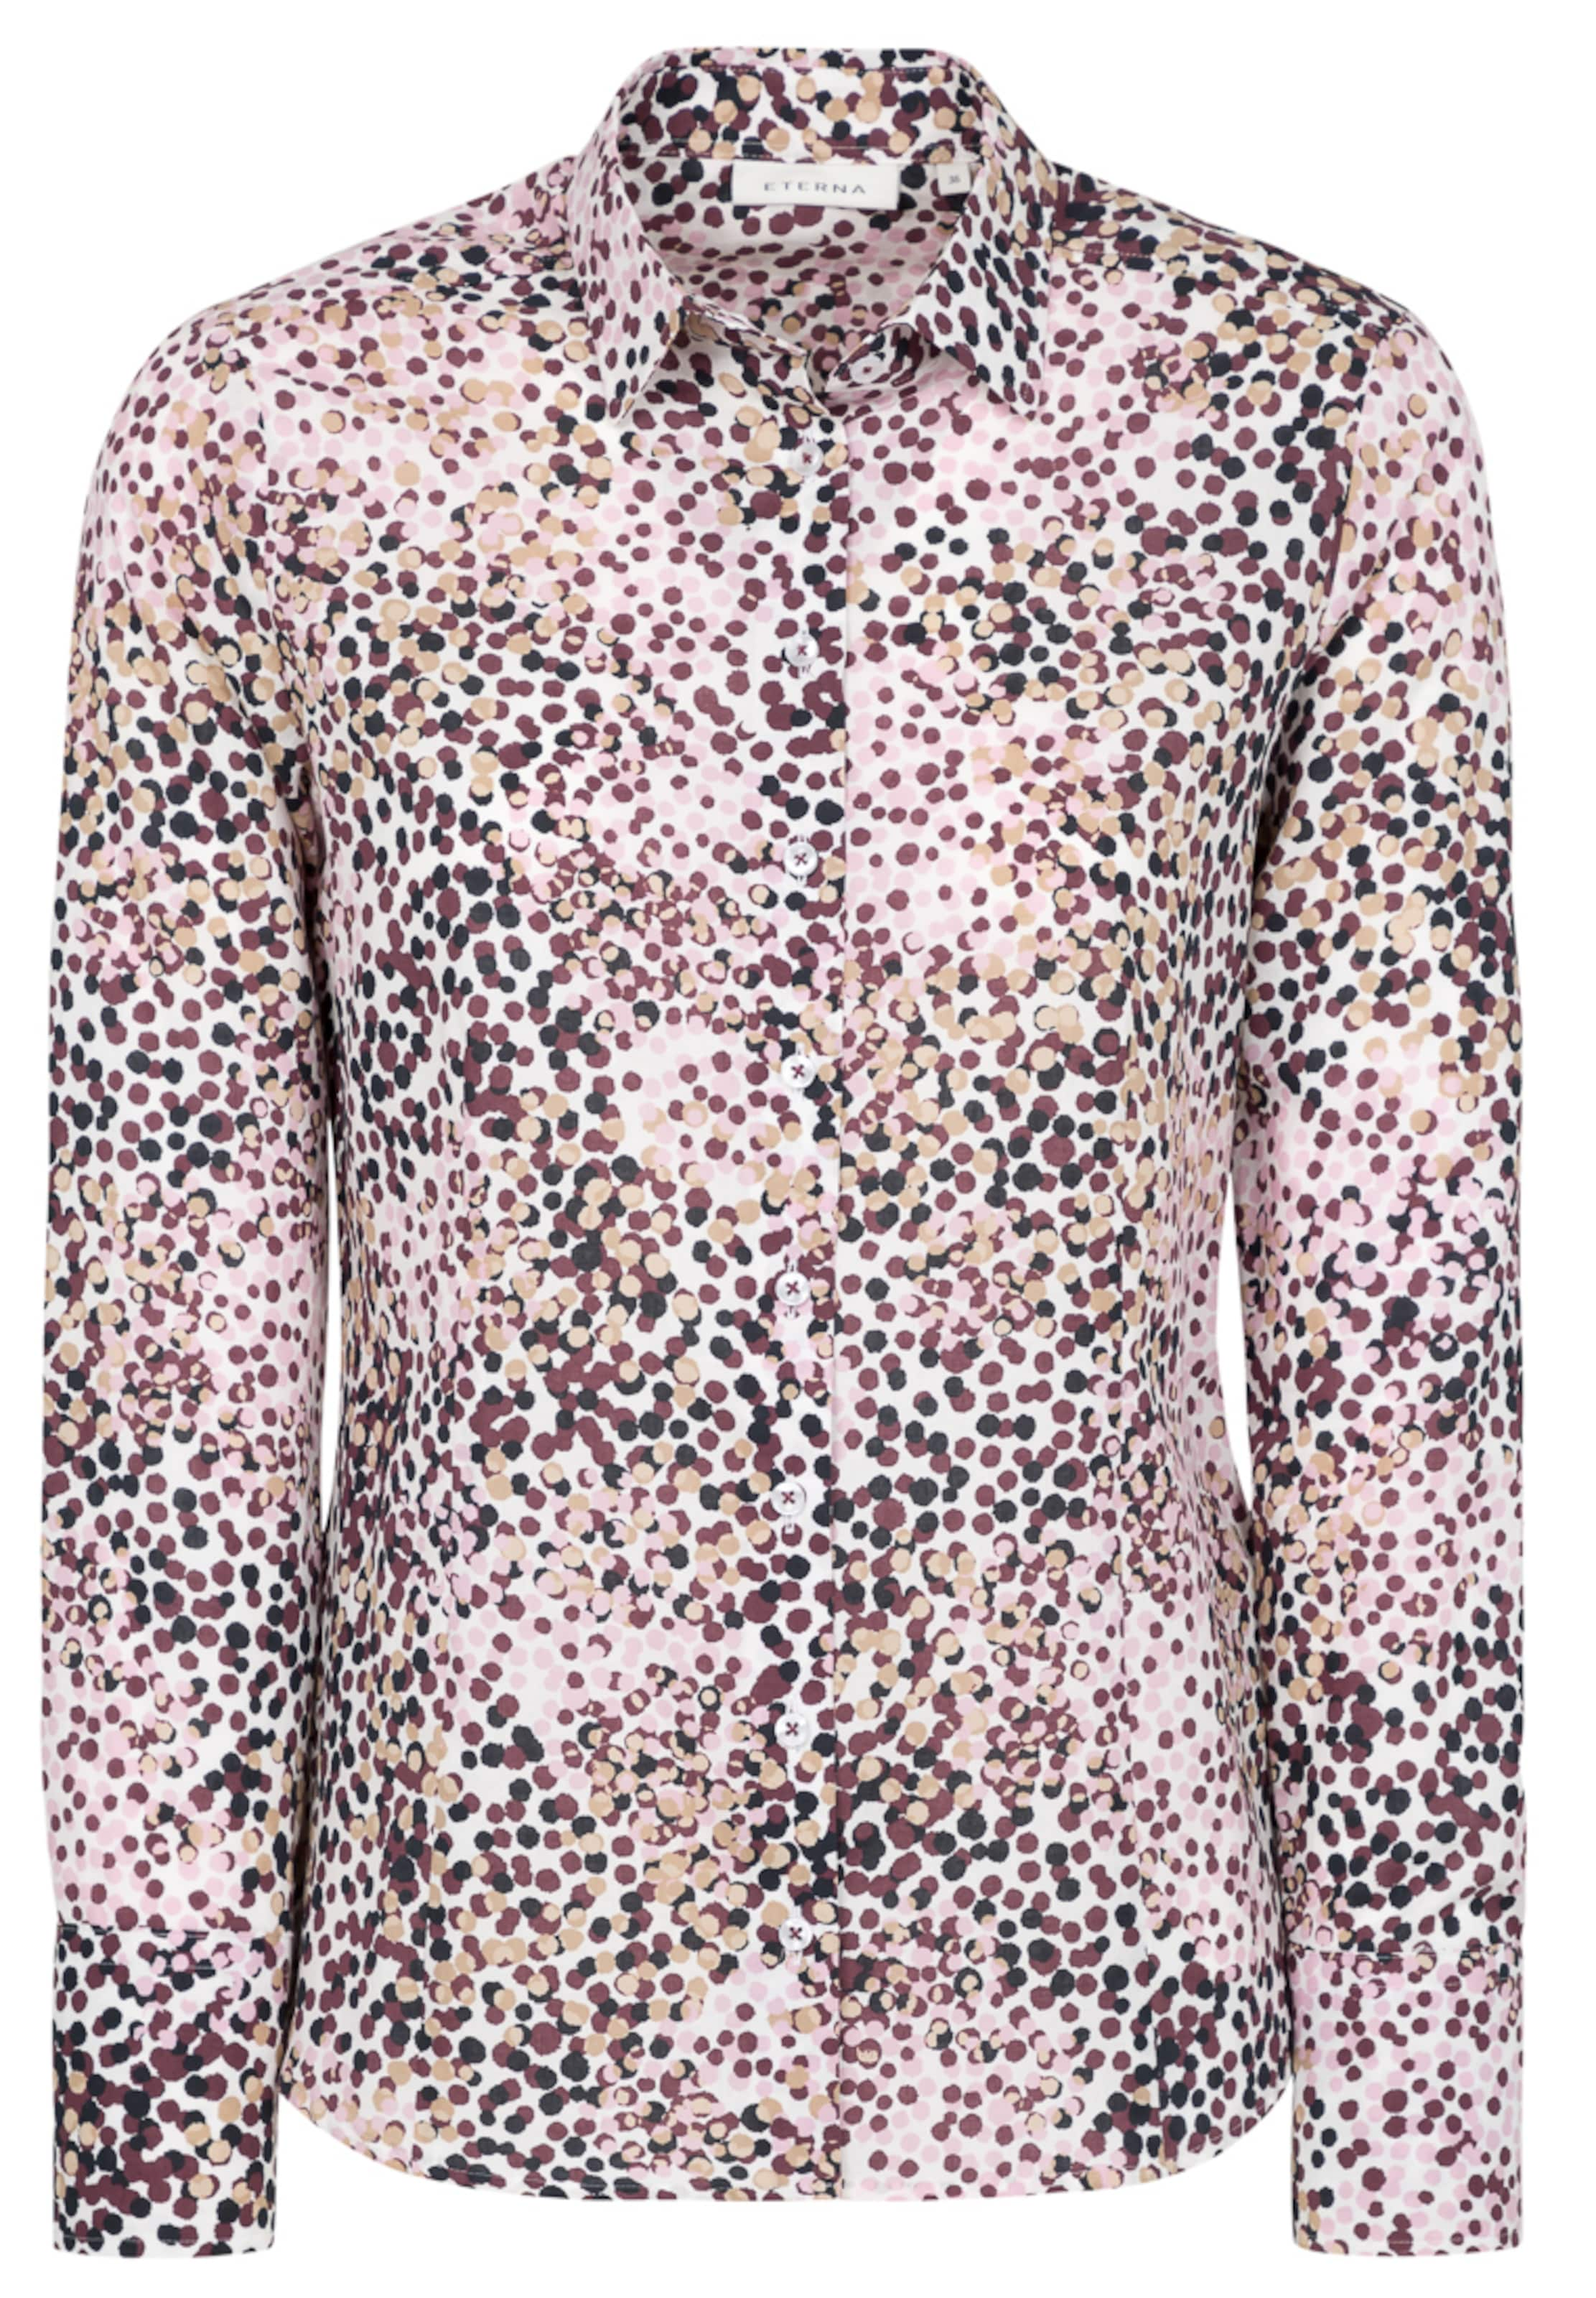 Sammlungen Zum Verkauf ETERNA Langarm Bluse MODERN CLASSIC Günstig Kaufen Eastbay Auslasszwischenraum Freies Verschiffen Erschwinglich Spielraum Echt cPNVZ